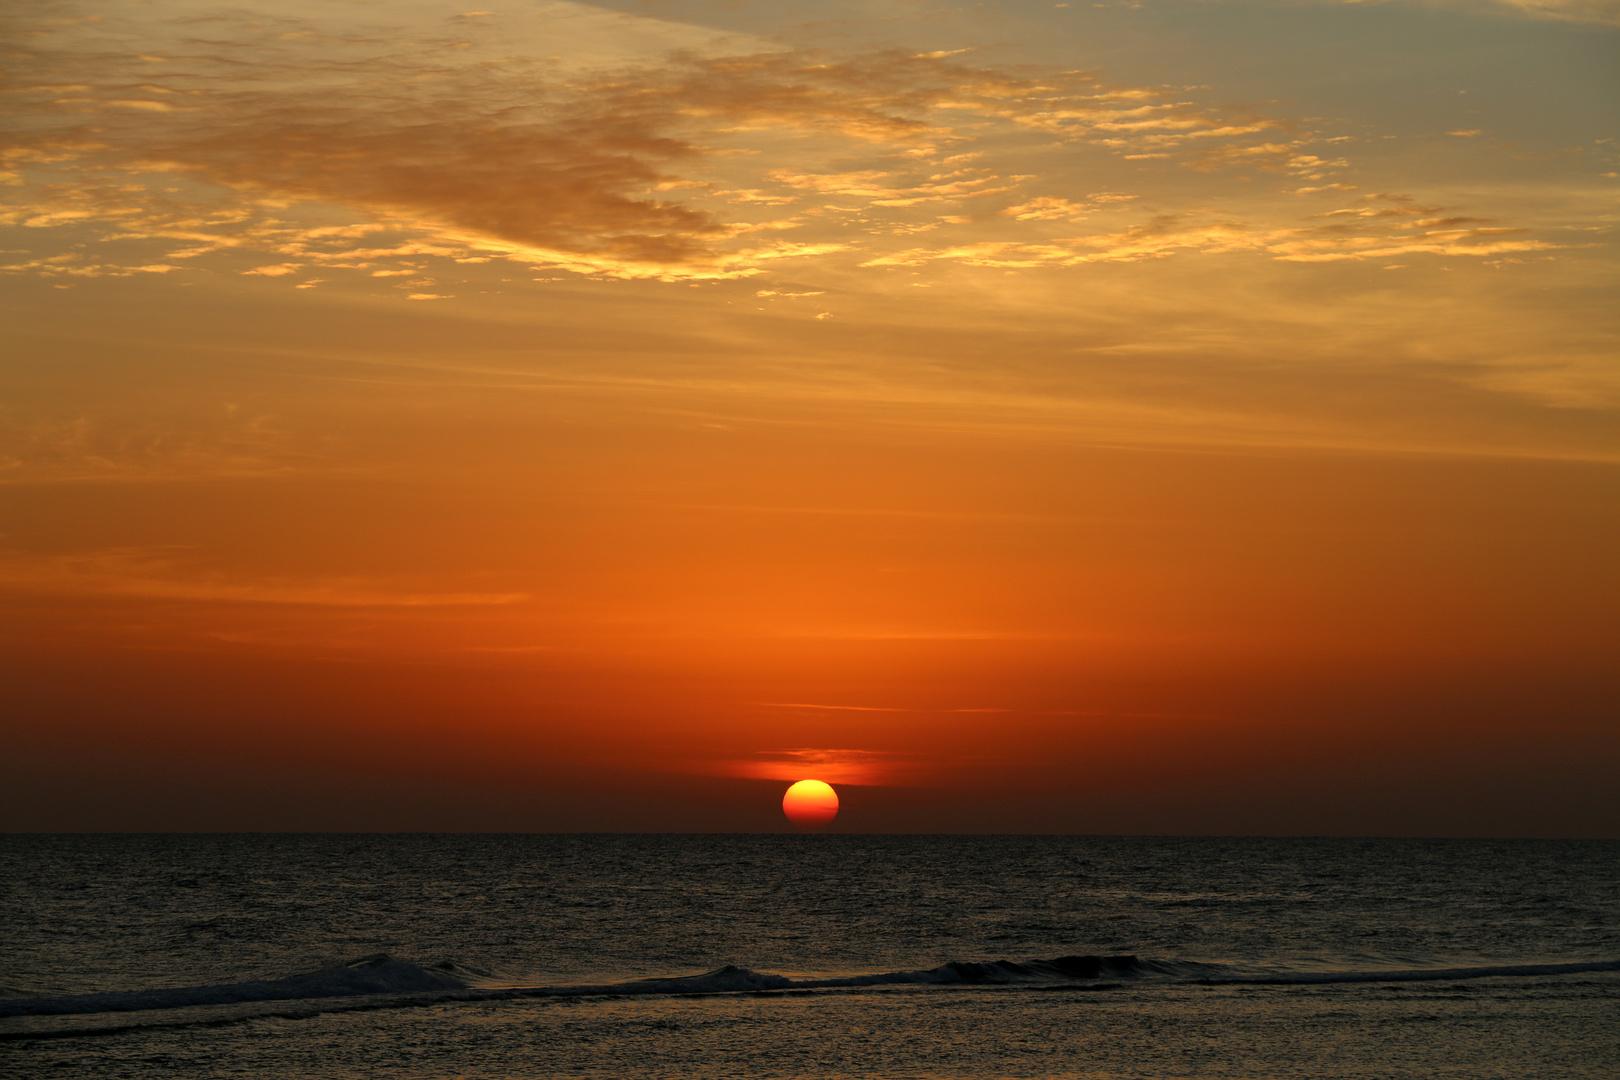 Sonnenaufgang über dem roten Meer.